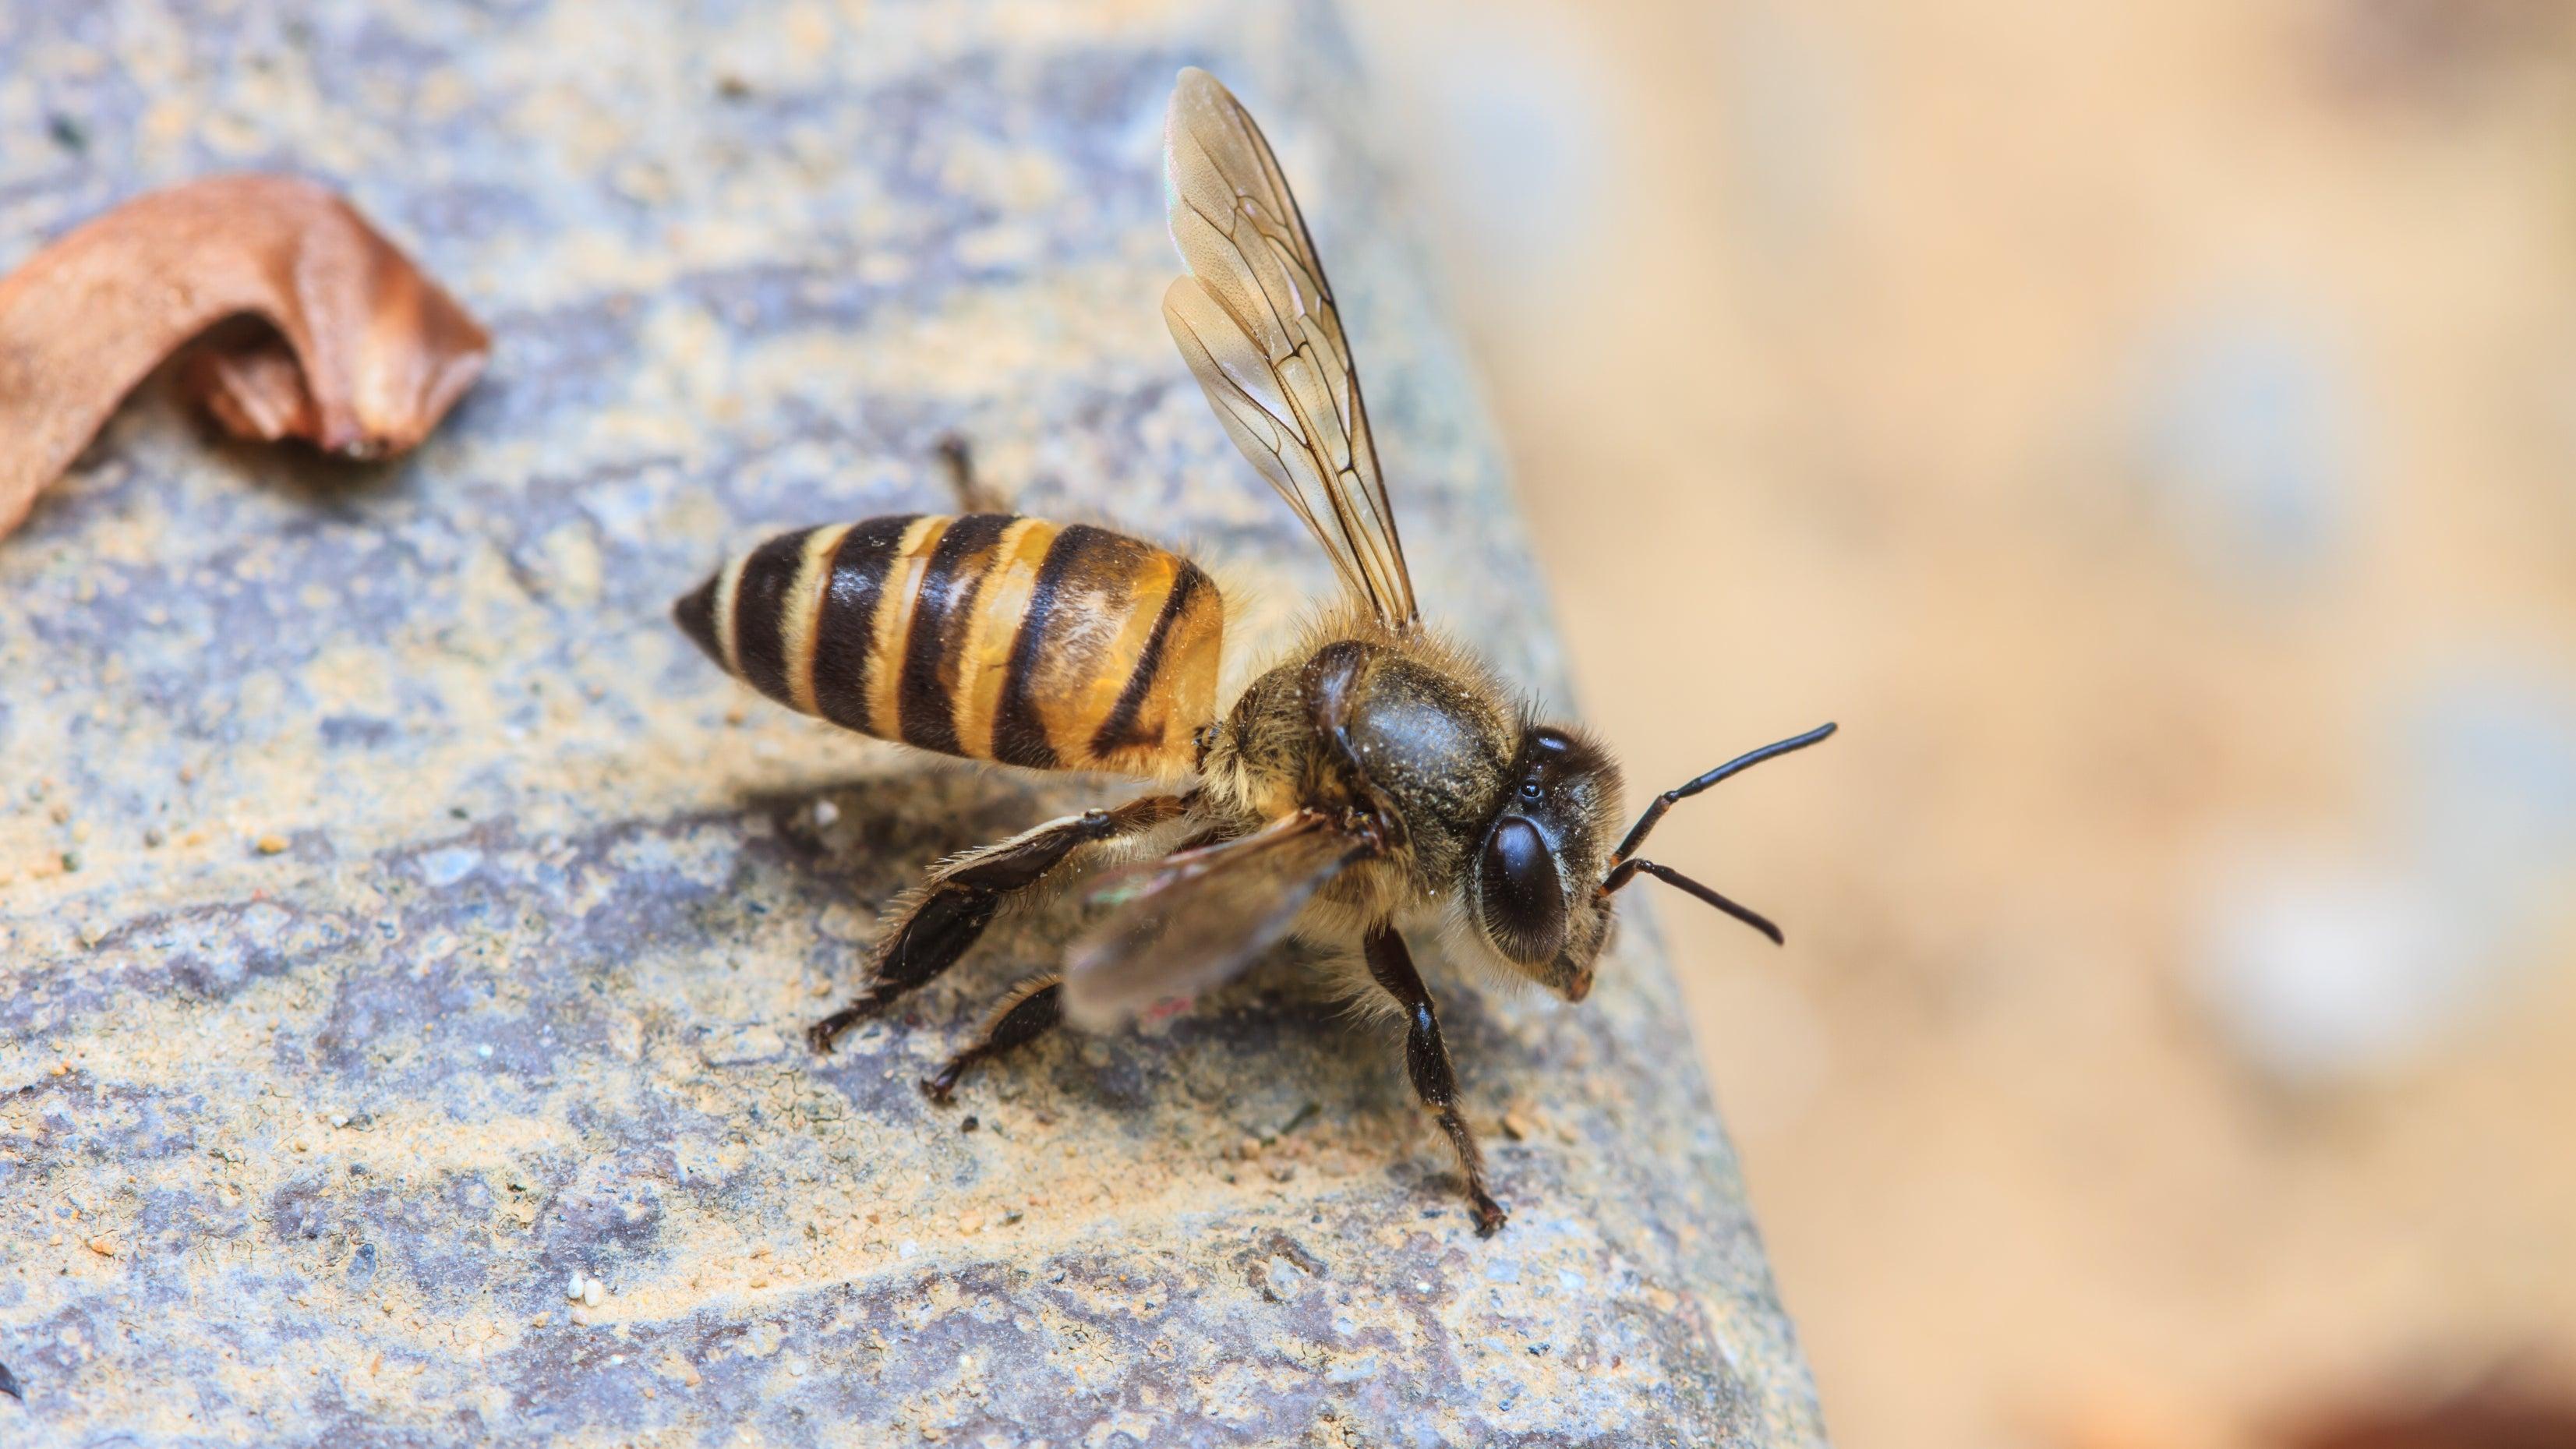 """Zuckerwasser """"sinnlos"""": Experte erklärt, was Bienen wirklich hilft"""